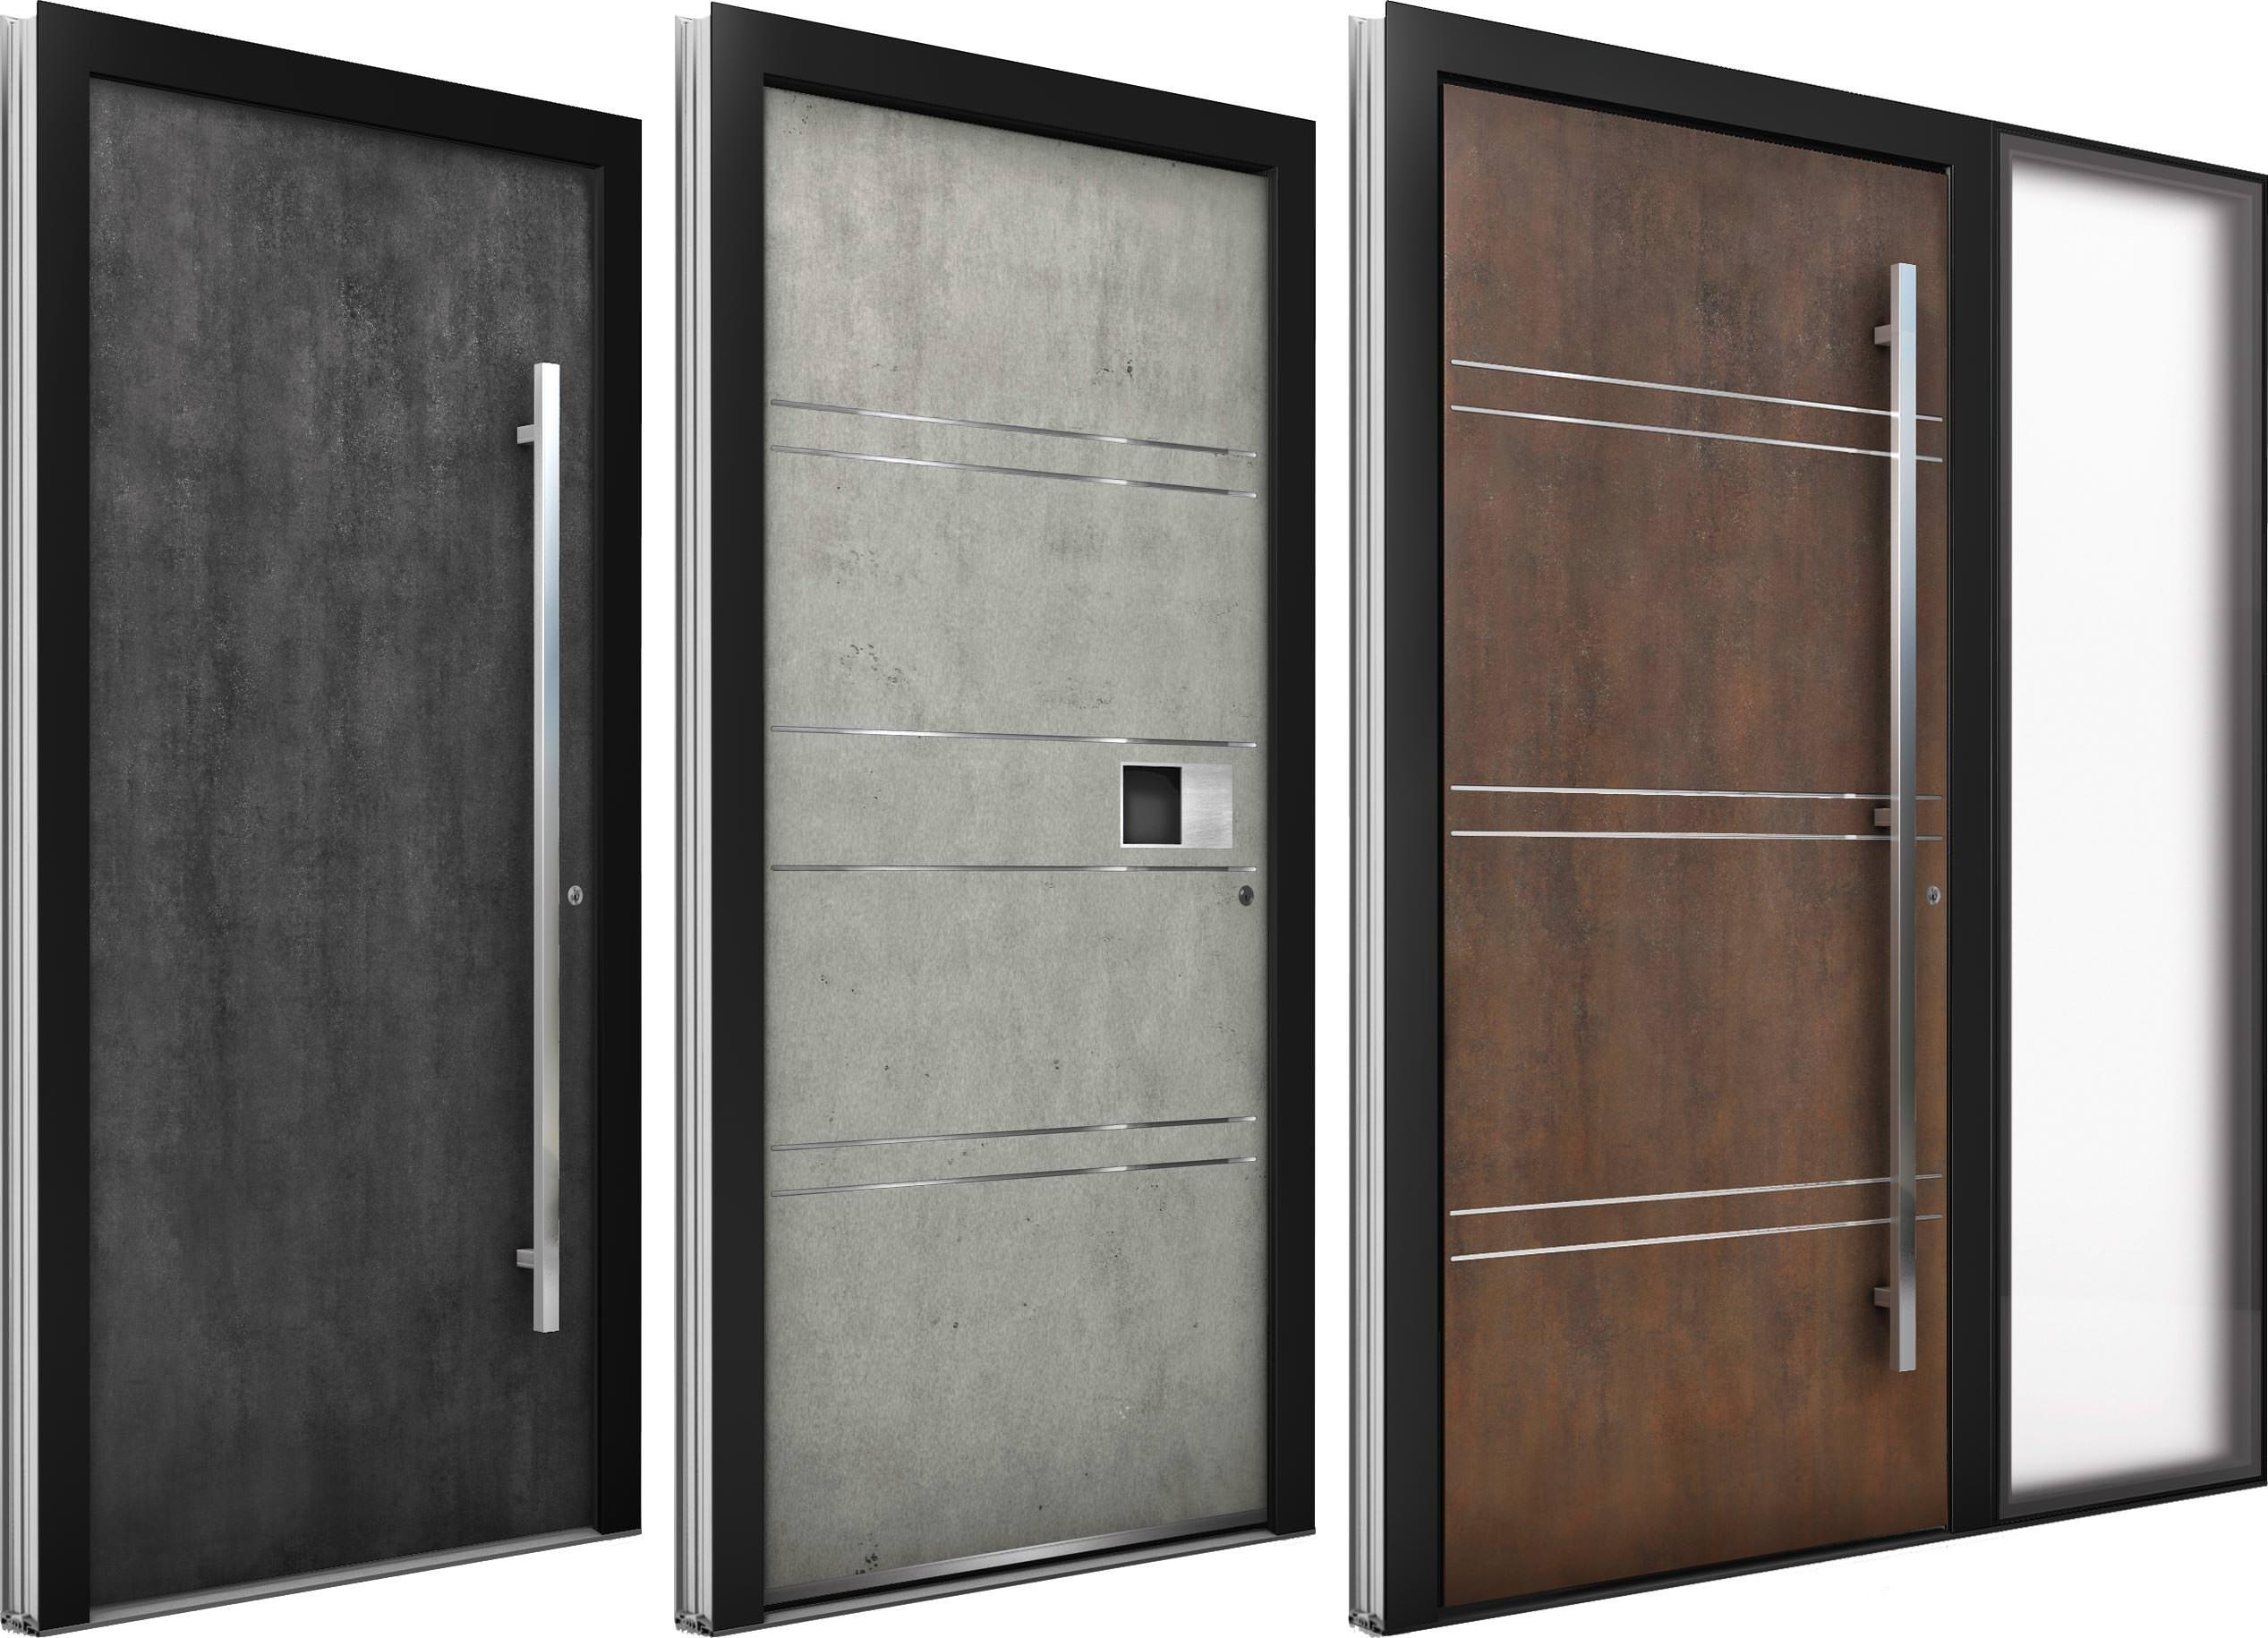 haust ren mit eher ungew hnlichen oberfl chen und. Black Bedroom Furniture Sets. Home Design Ideas